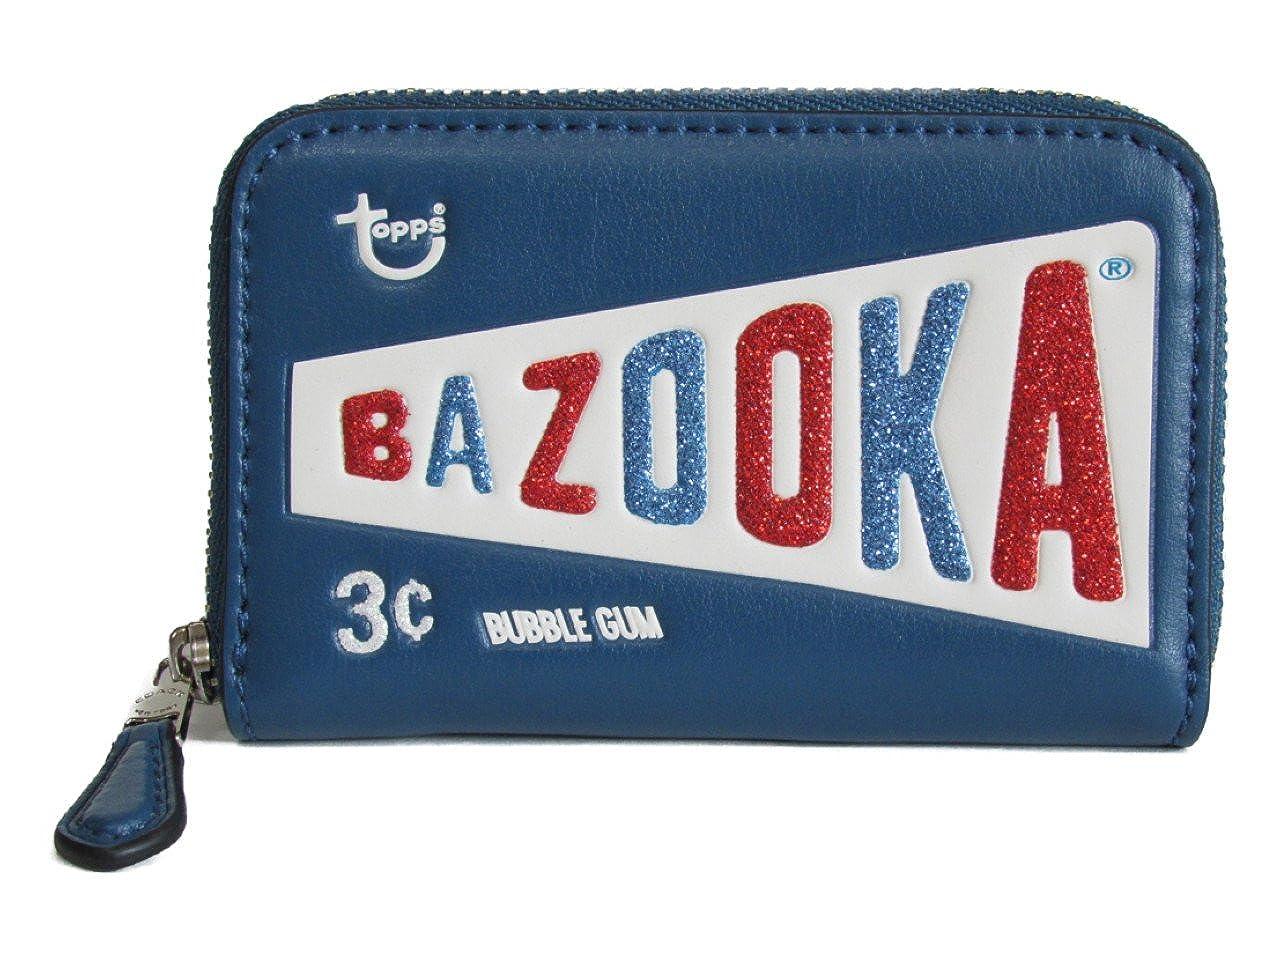 [コーチ] 小銭入れ コイン ケース バズーカ COACH BAZOOKA Zip Coin Case F26391 SV/IK SV/Ink [並行輸入品]   B07FRVJW56